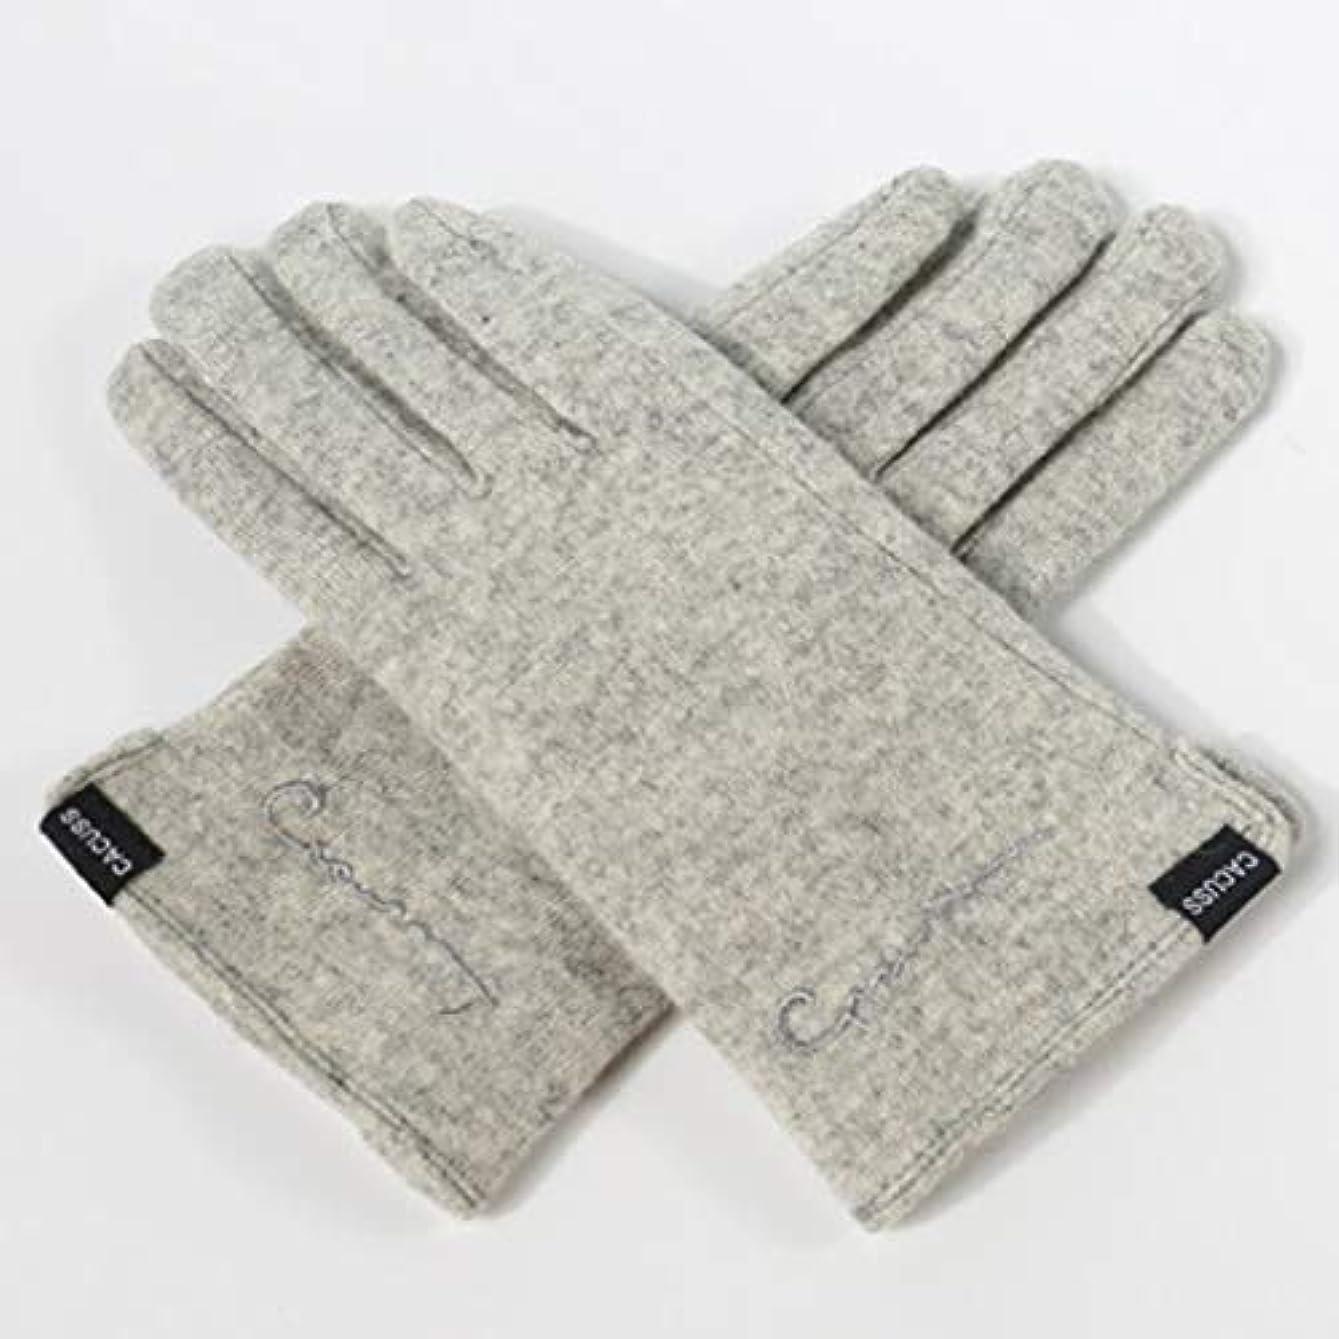 ビート採用するわずらわしい手袋女性の冬のタッチスクリーンのファッション暖かく快適なポイントは、乗馬を厚くする (色 : Gray)